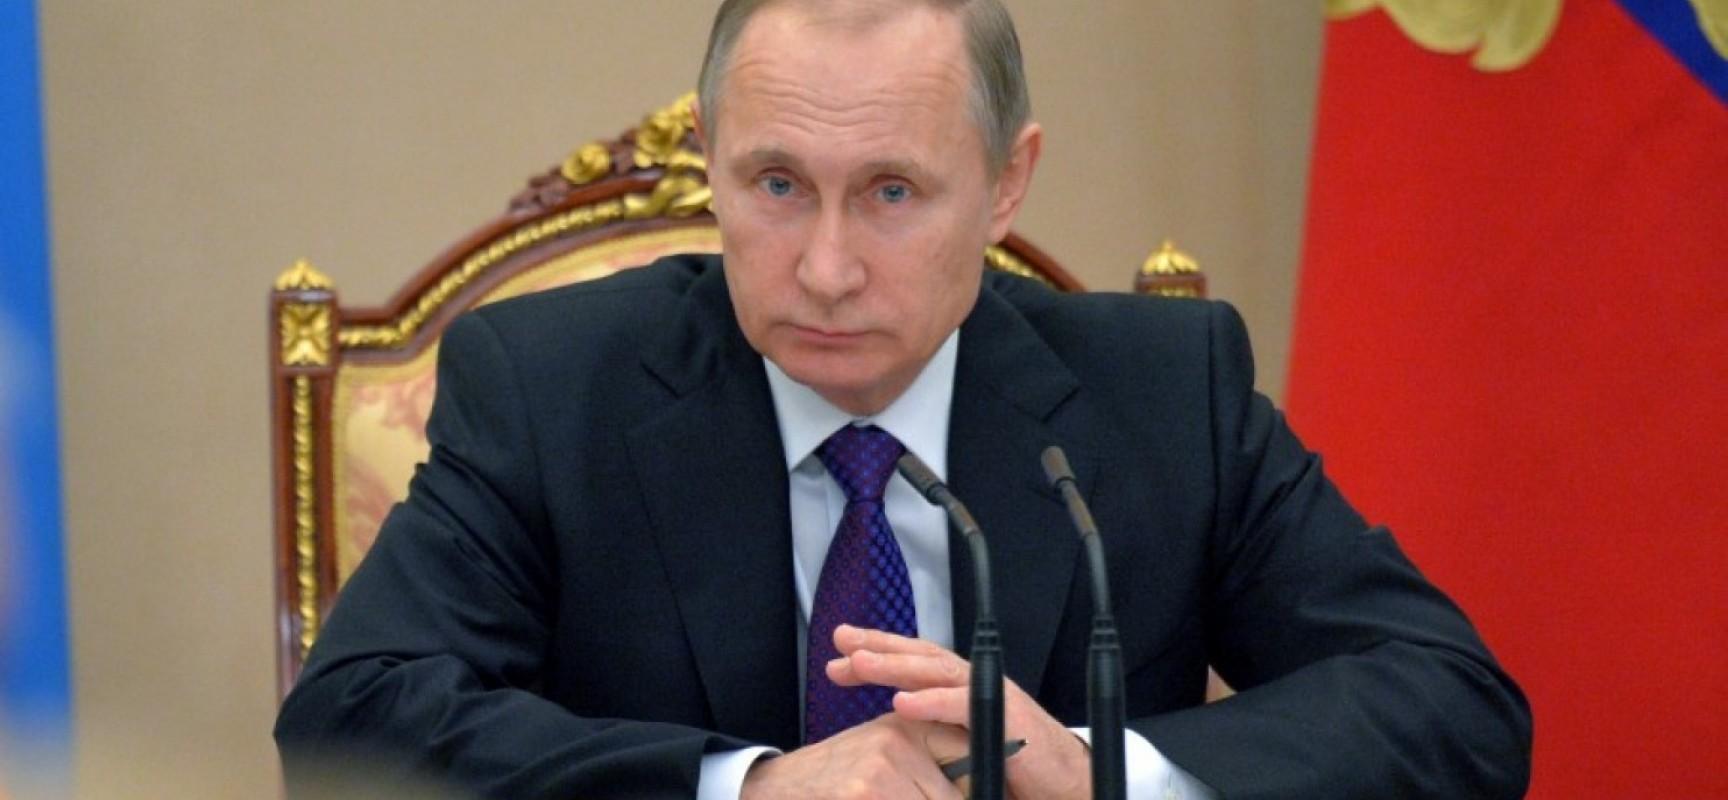 Come funziona la censura in Russia